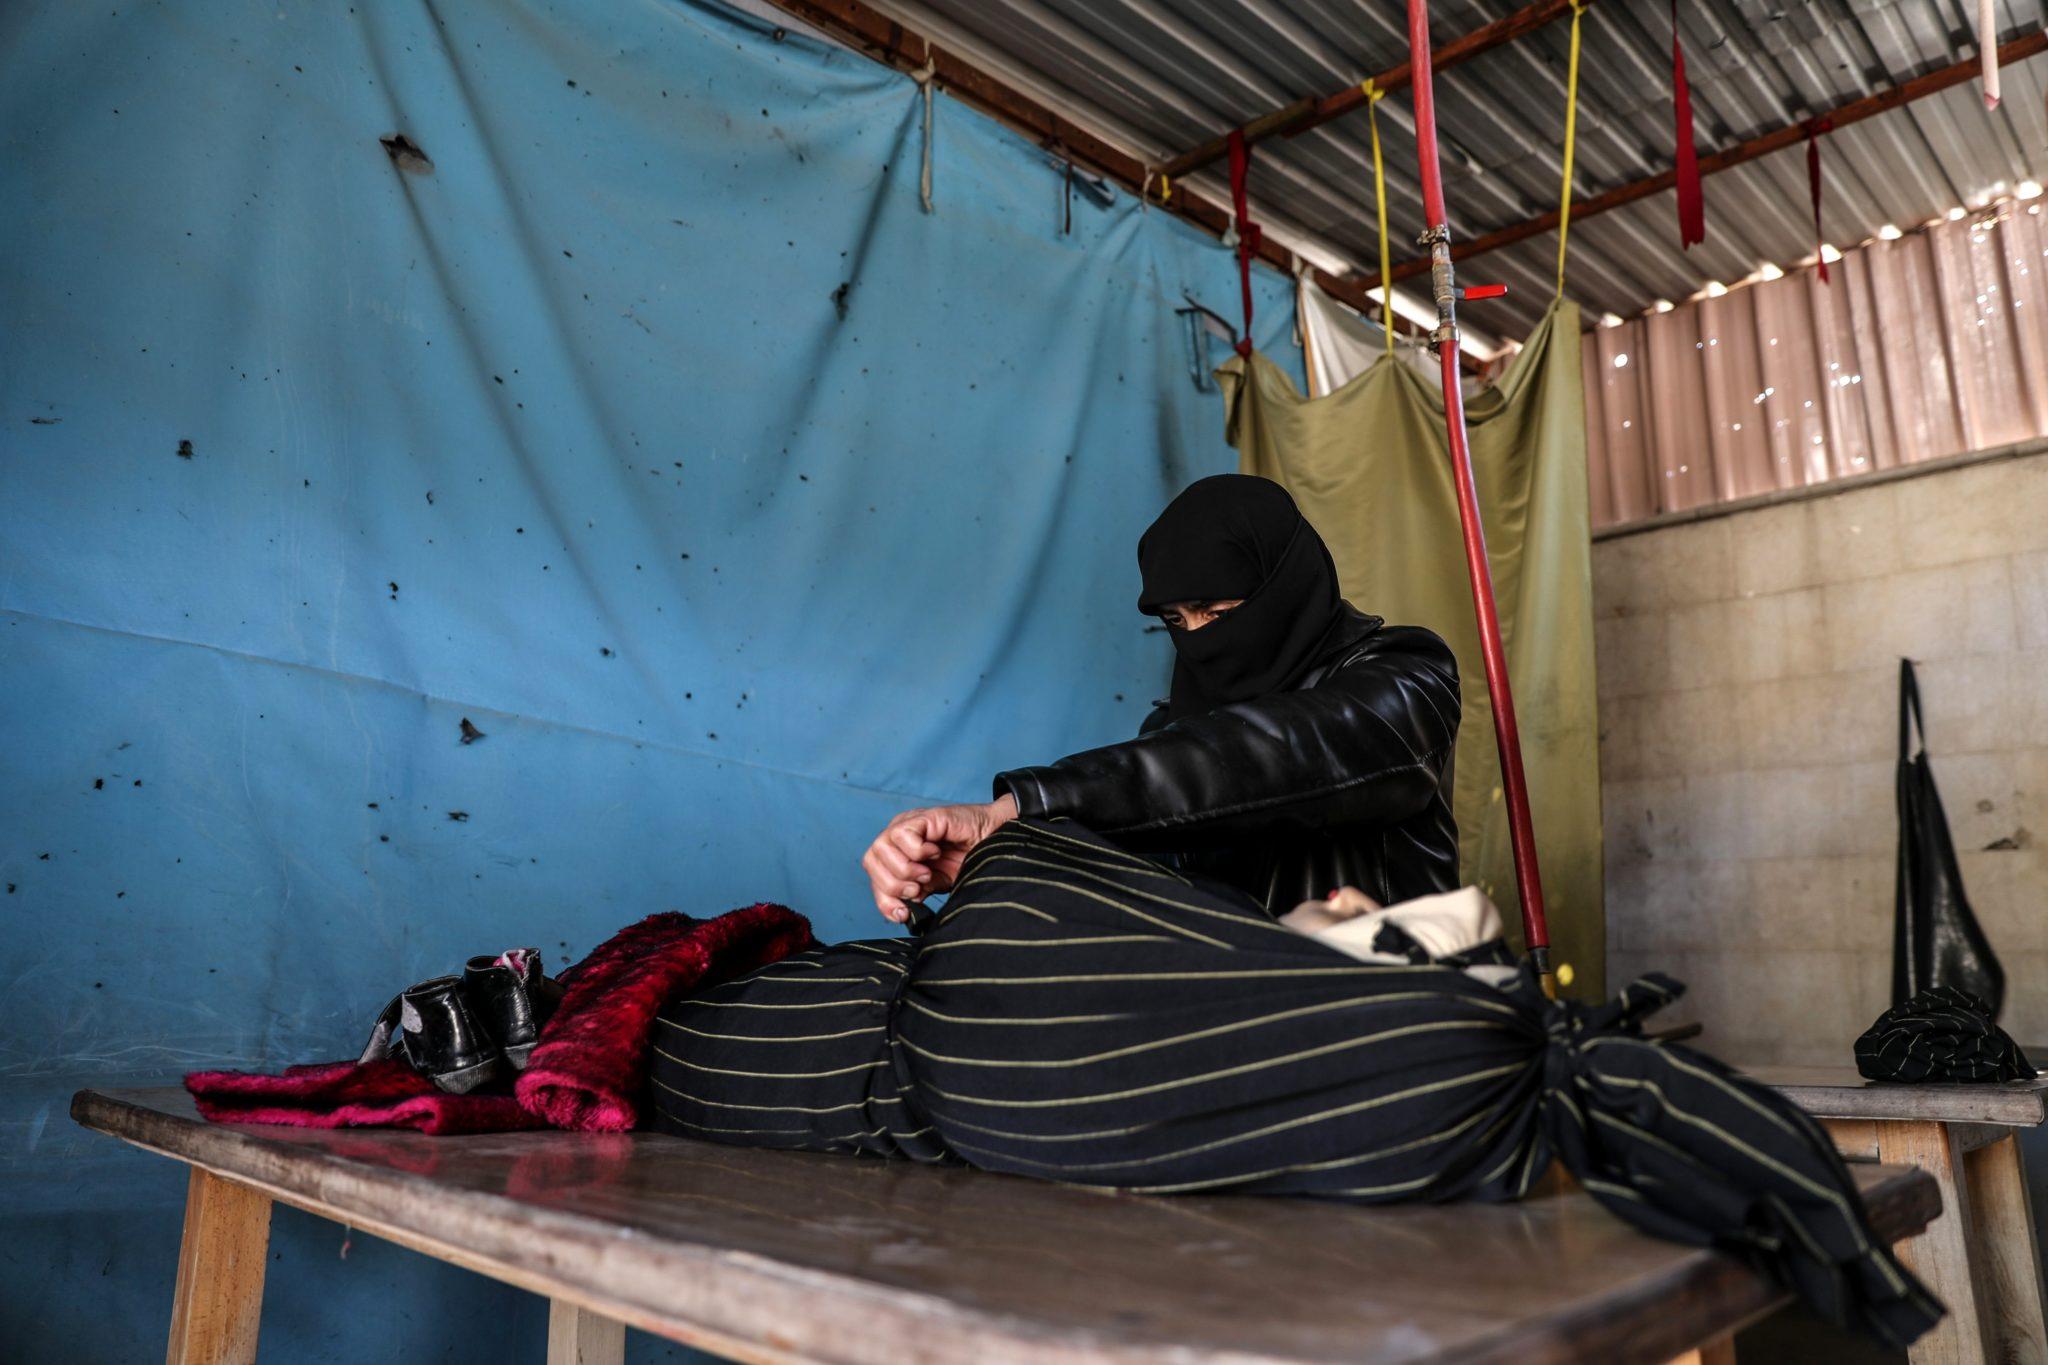 Syria: Kobieta obejmuje ciało dziecka w kostnicy po tym, jak zostało prawdopodobnie wraz z bratem w ostrzale przeprowadzonym przez siły lojalne wobec syryjskiego rządu, w Doumie, fot: Mohammed Badra, PAP/EPA